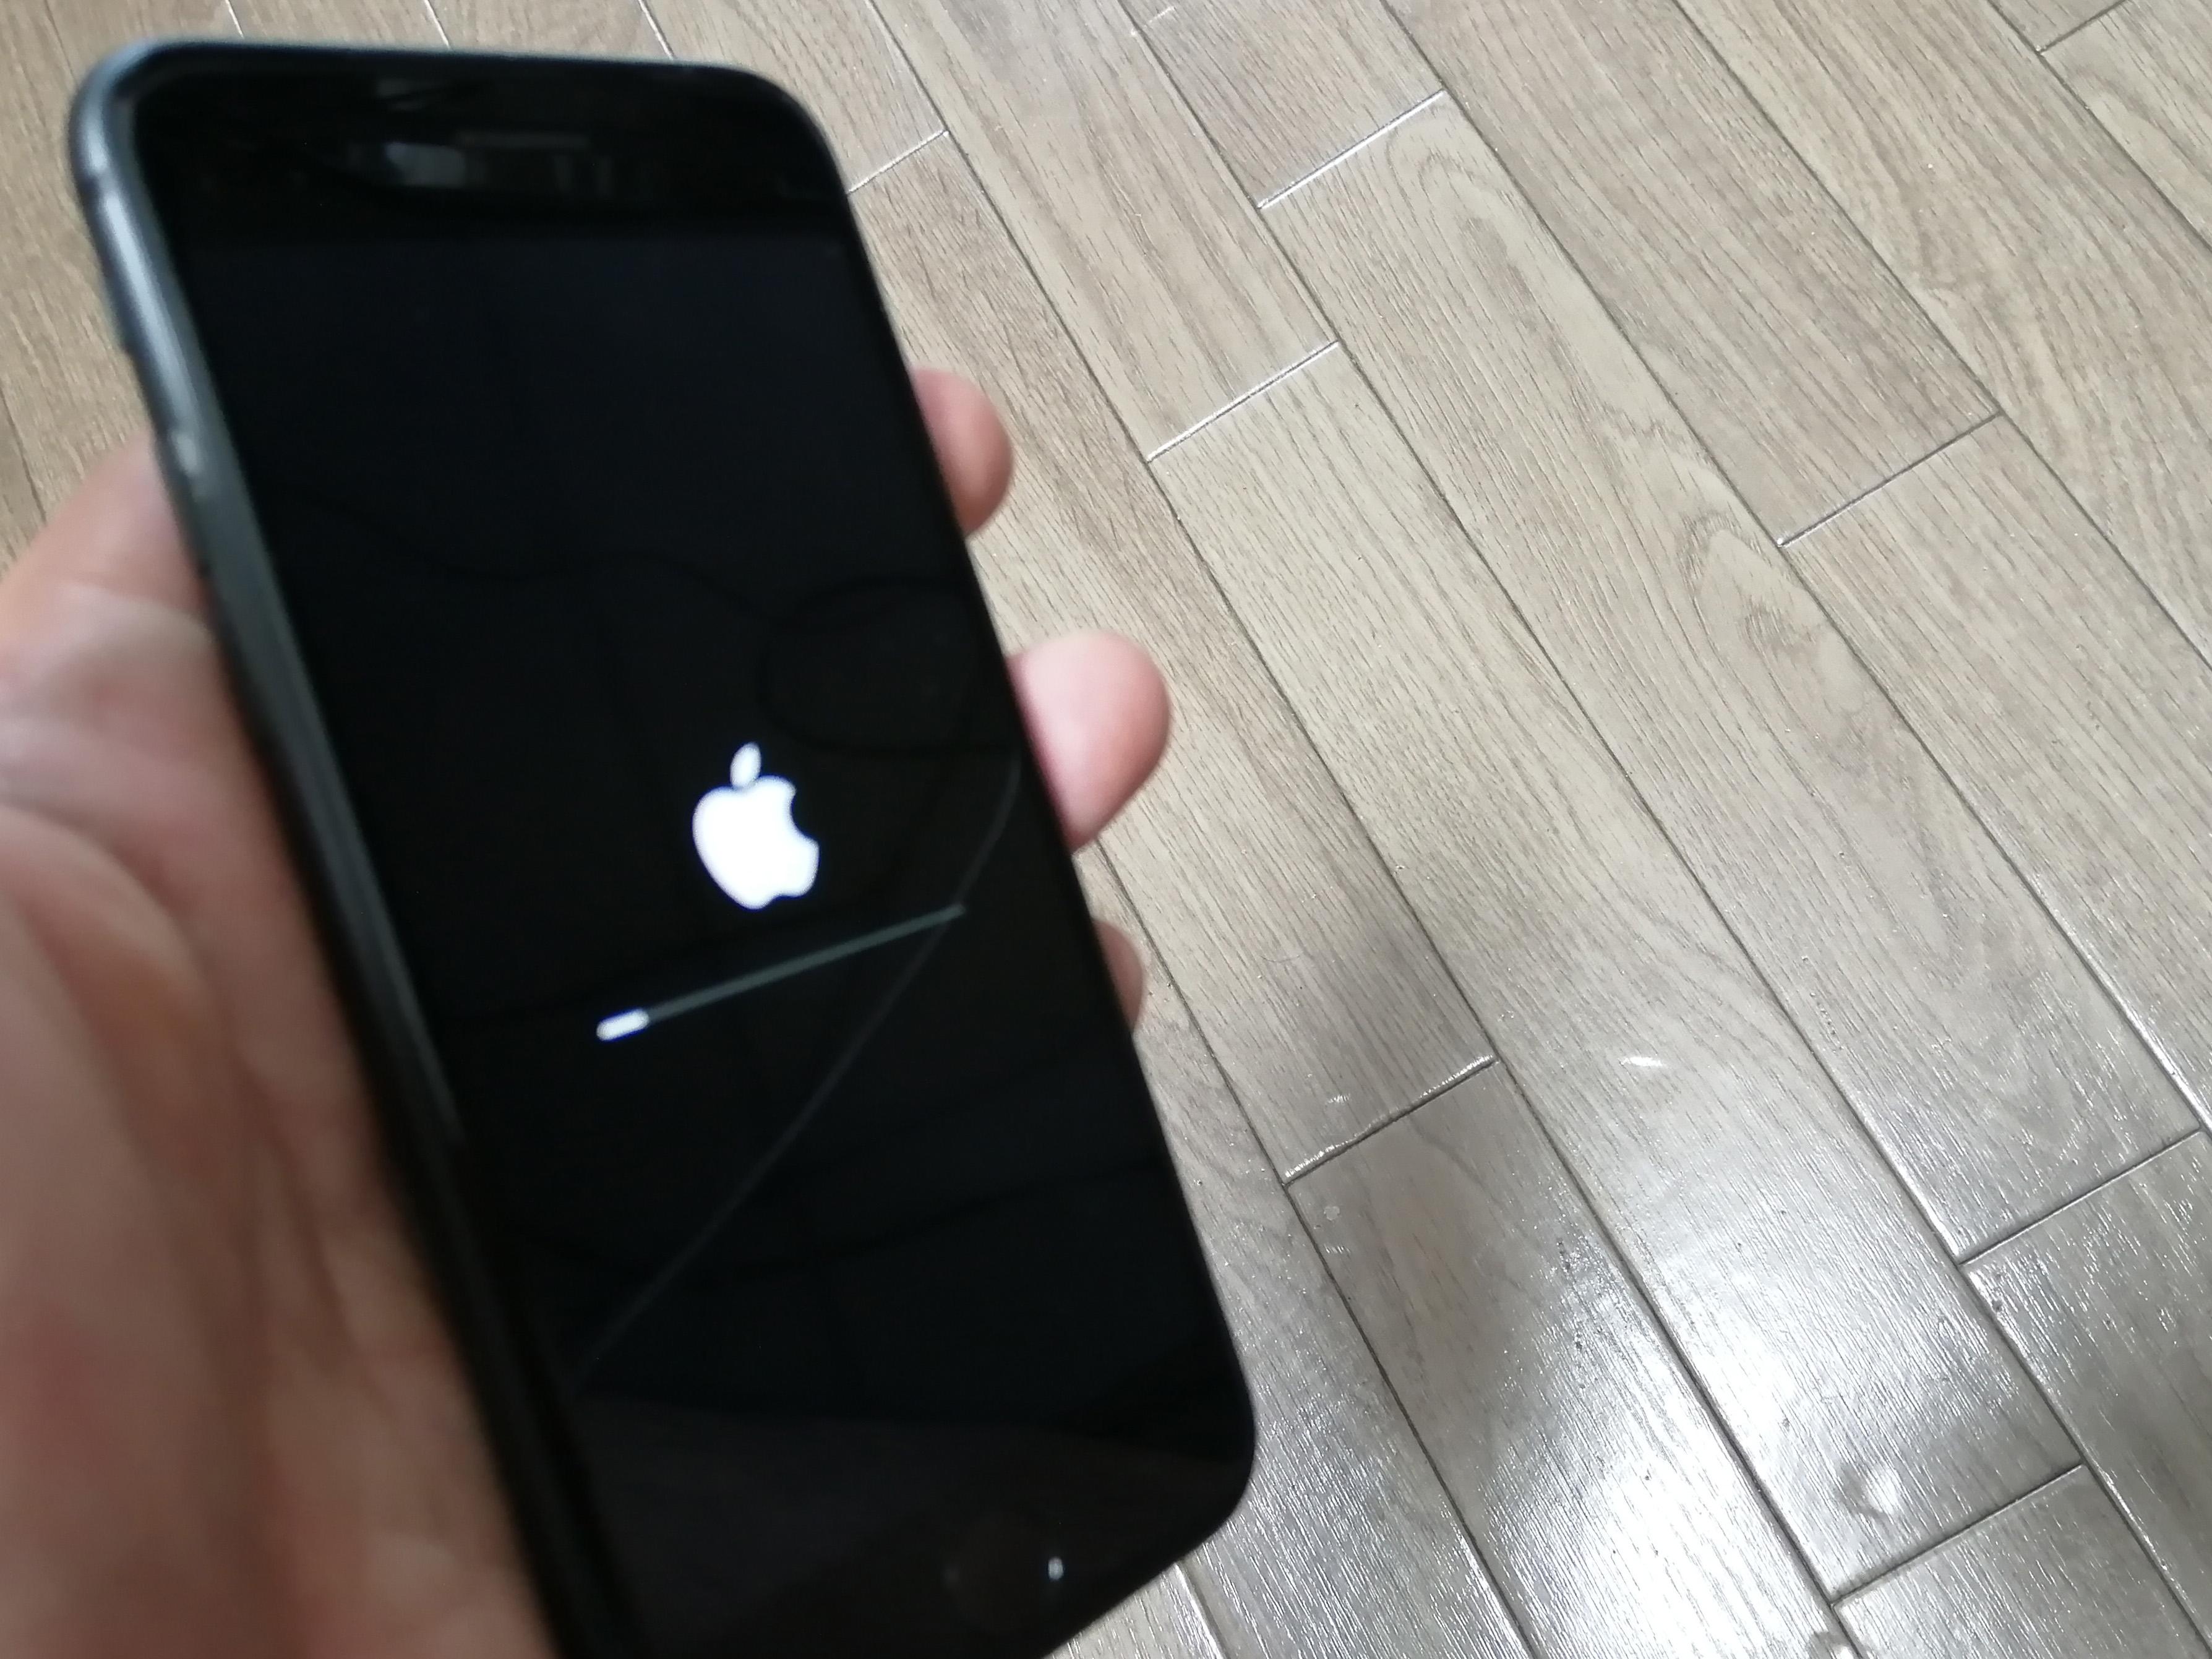 iPhoneを再起動する